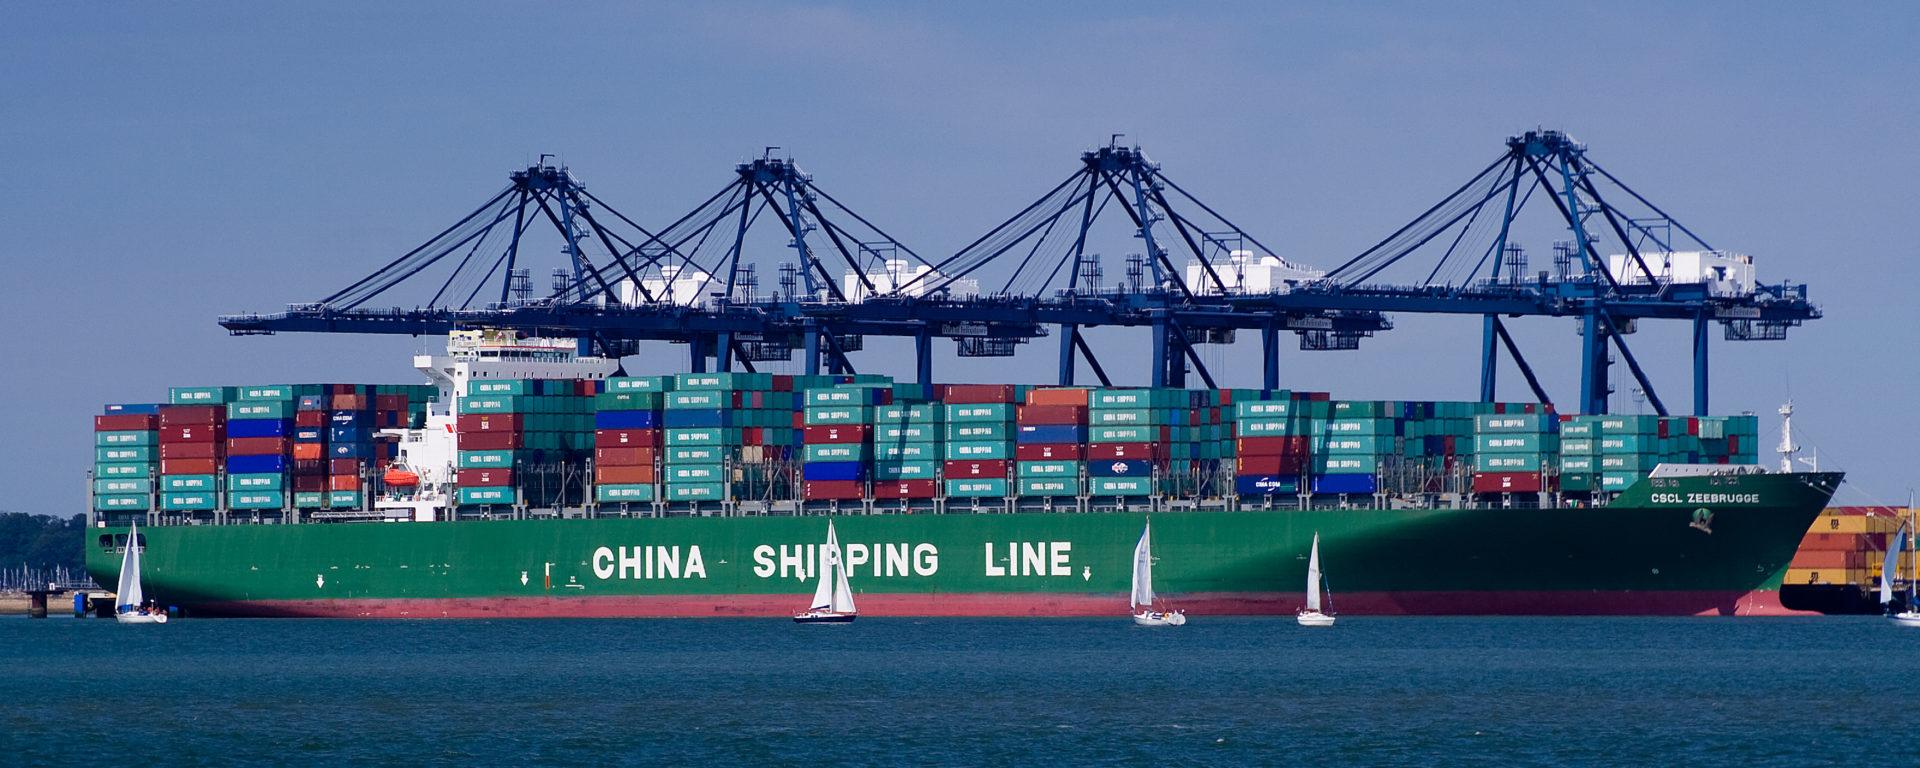 Fleet Summary | Seaspan Corporation